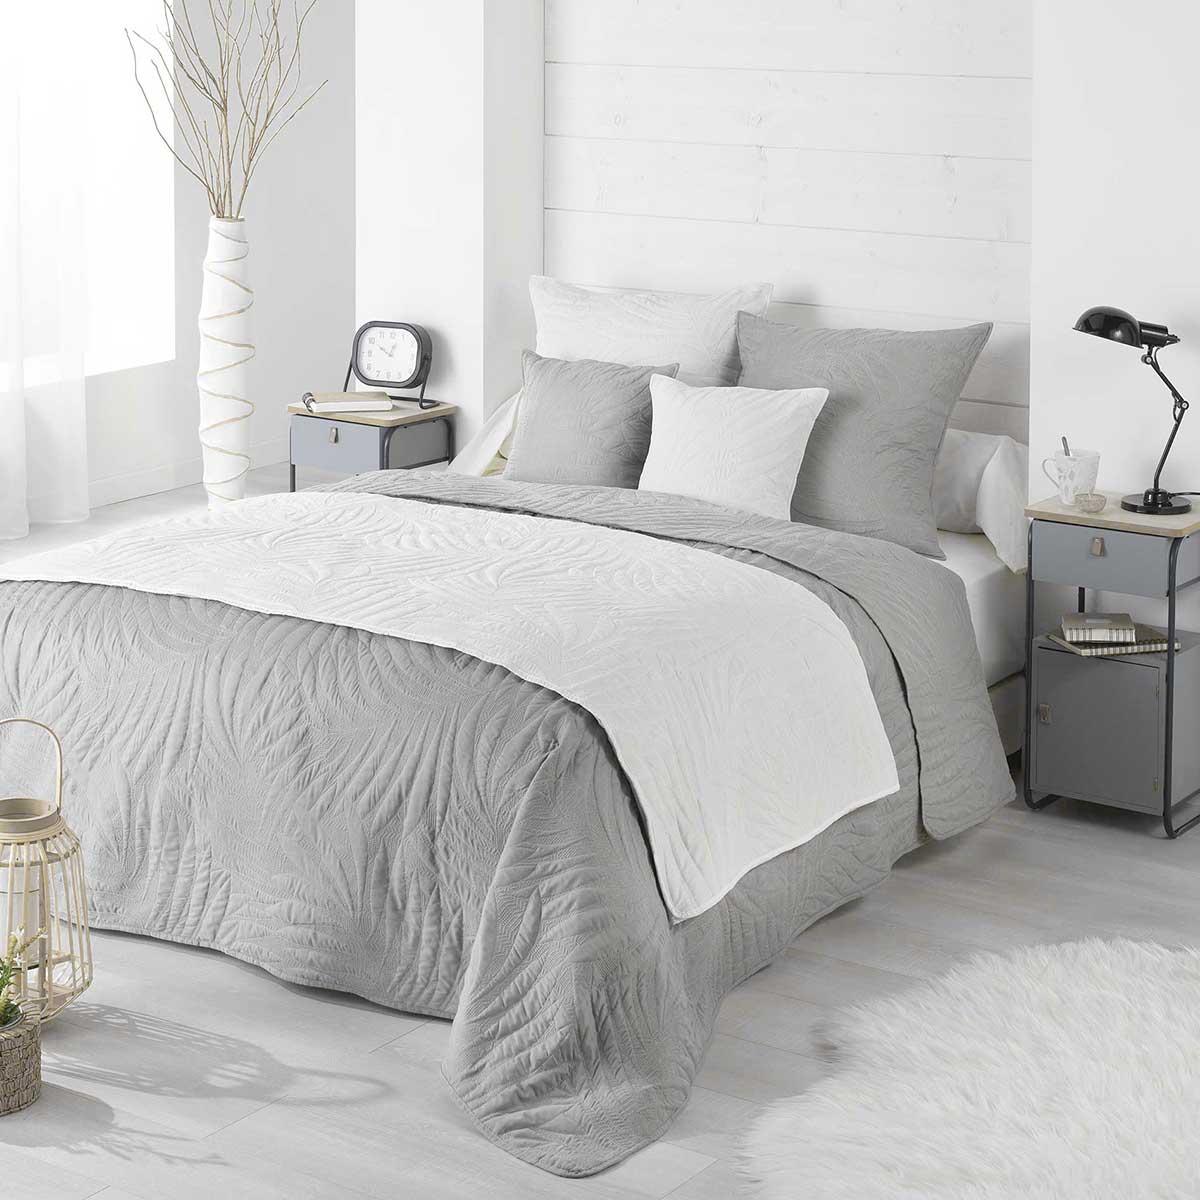 Couvre lit matelass et uni en microfibre gris blanc taupe vert homemaison vente - Couvre lit matelasse blanc ...